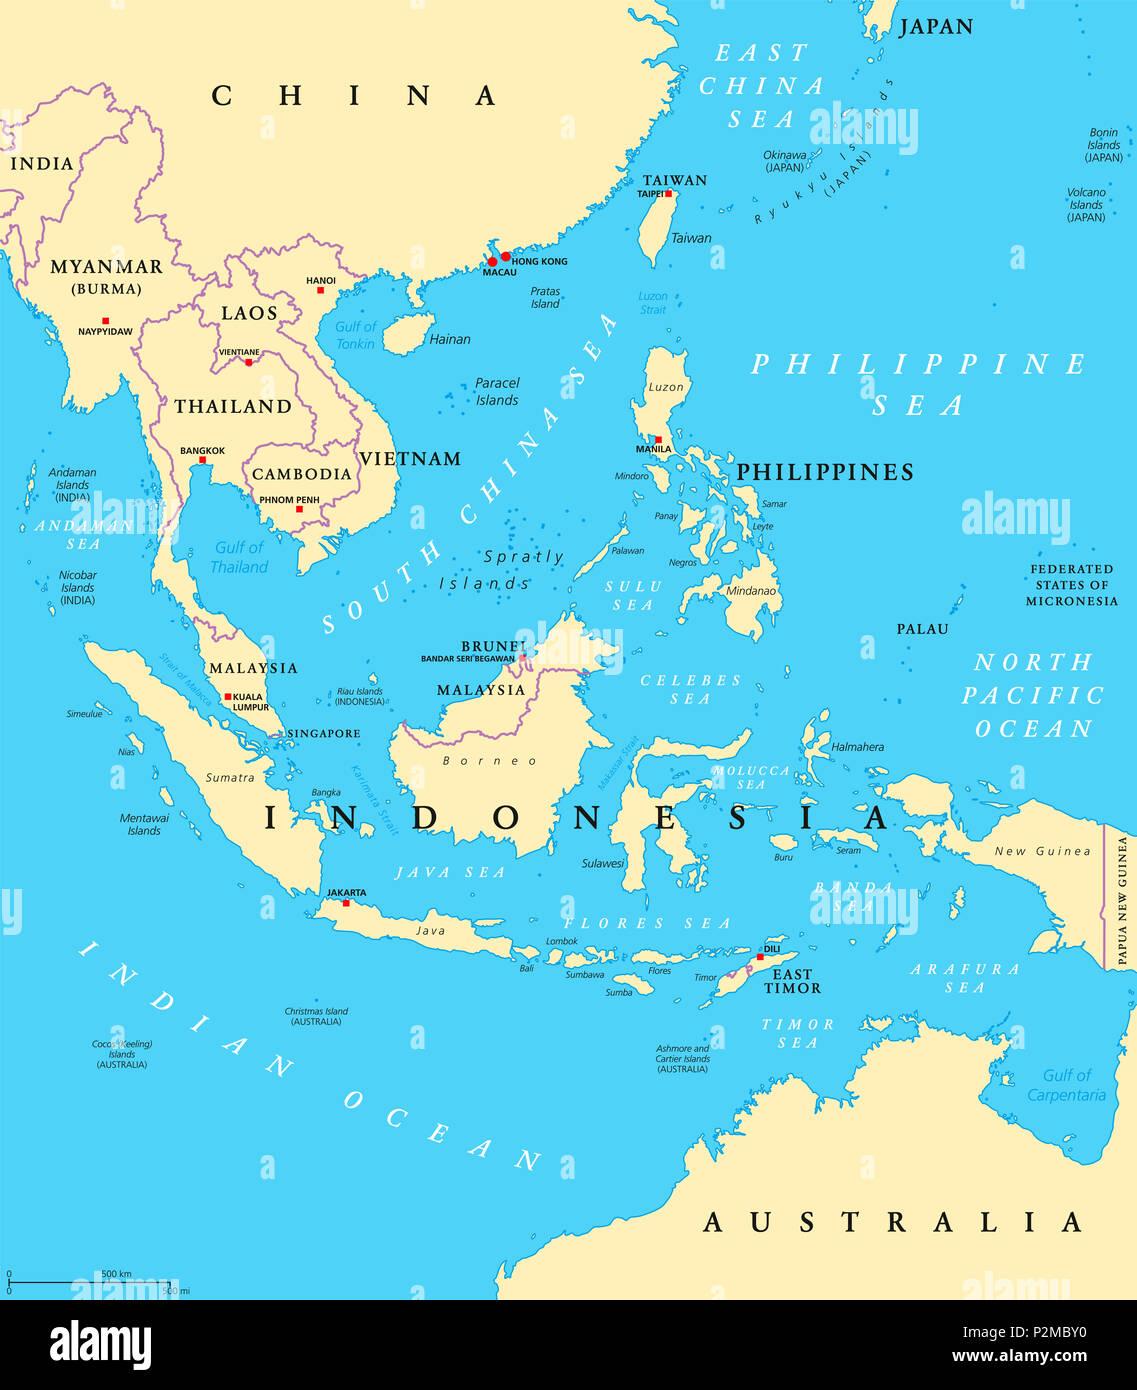 Politische Karte Asien.Südostasien Politische Karte Mit Kapitellen Und Grenzen Teilregion